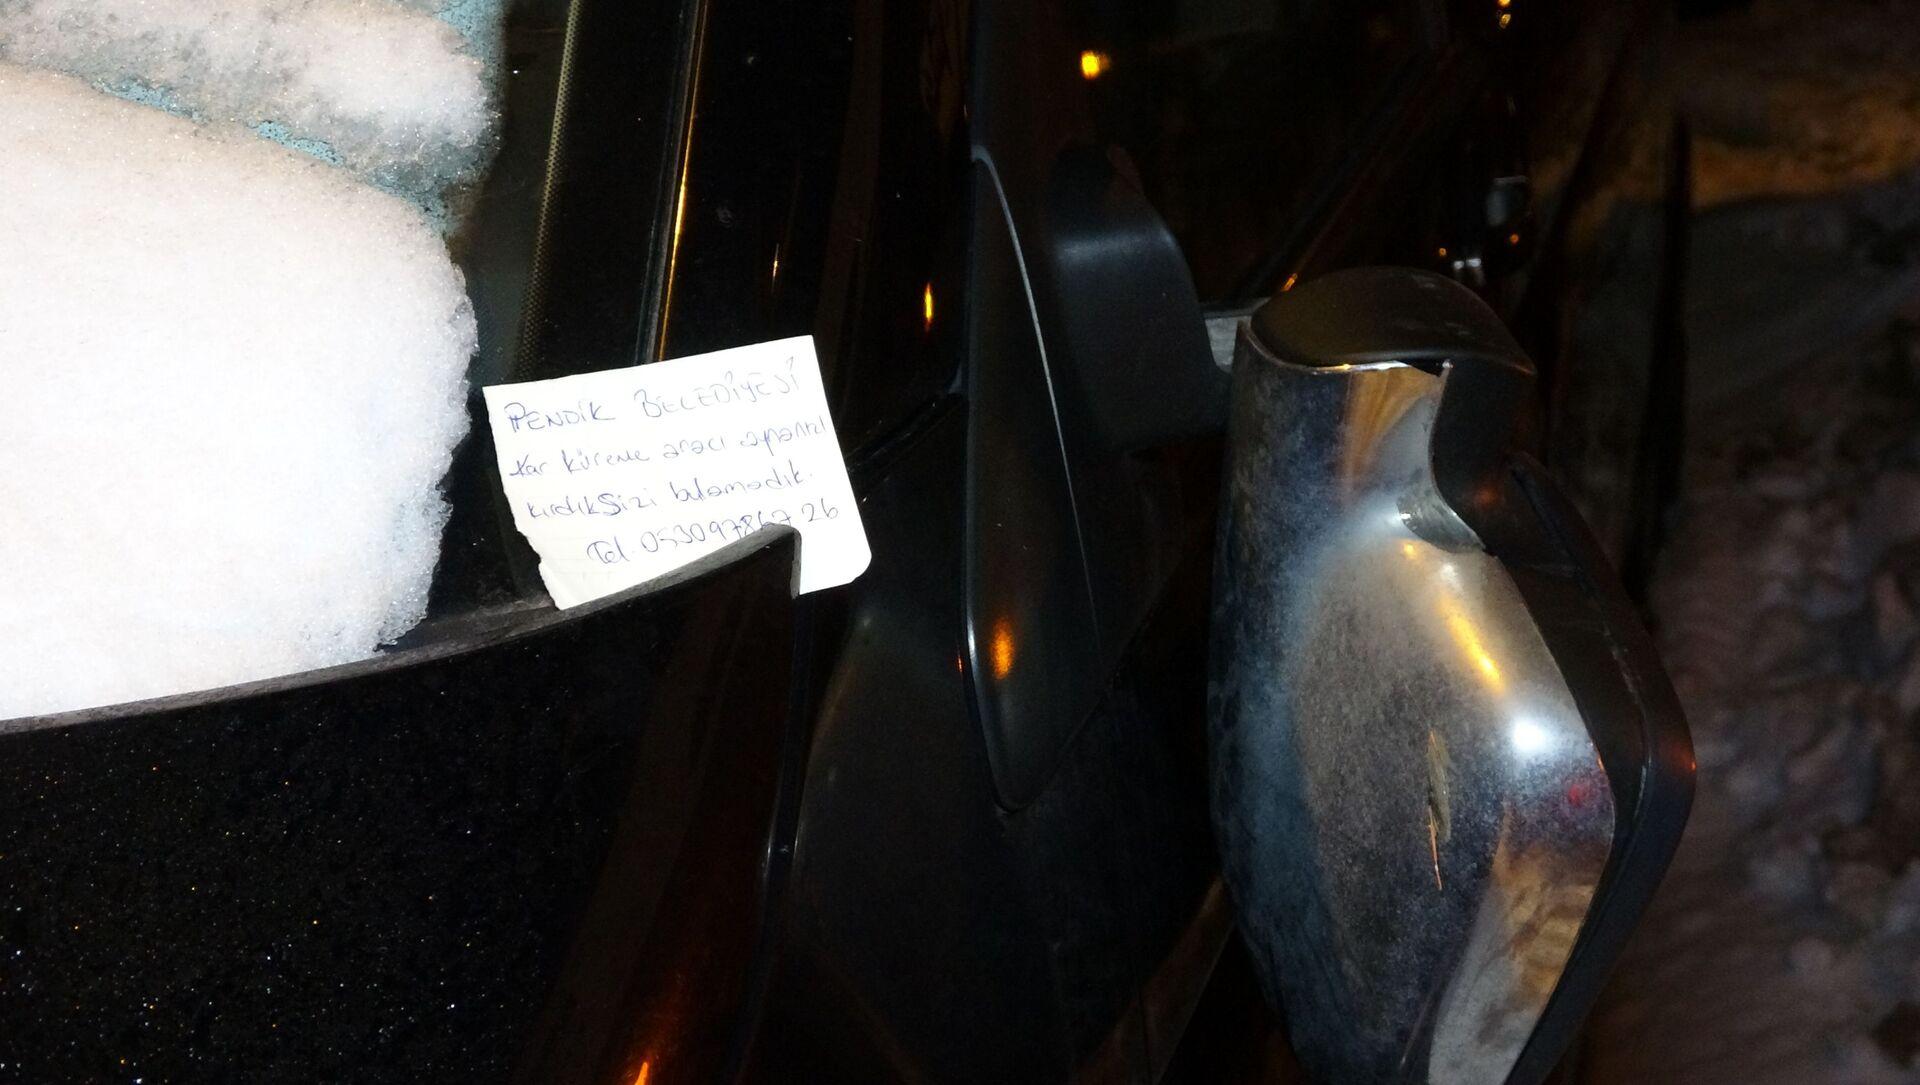 Belediye'nin kar küreme aracı, araba aynasını kırdı: Ekipler 'aracın aynasını kırdık, sizi bulamadık' diye not bıraktı - Sputnik Türkiye, 1920, 18.02.2021